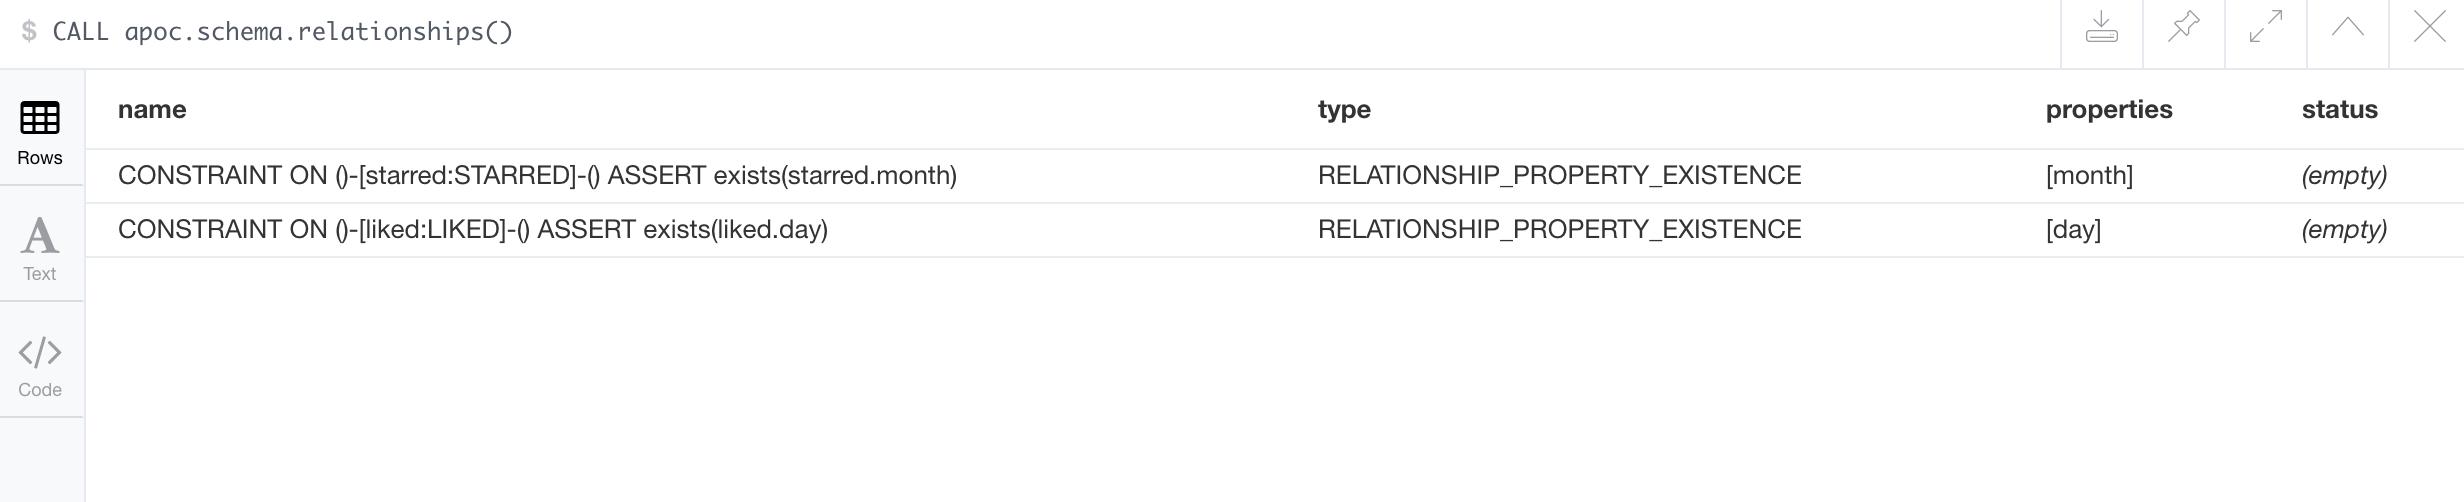 apoc.schema.relationships